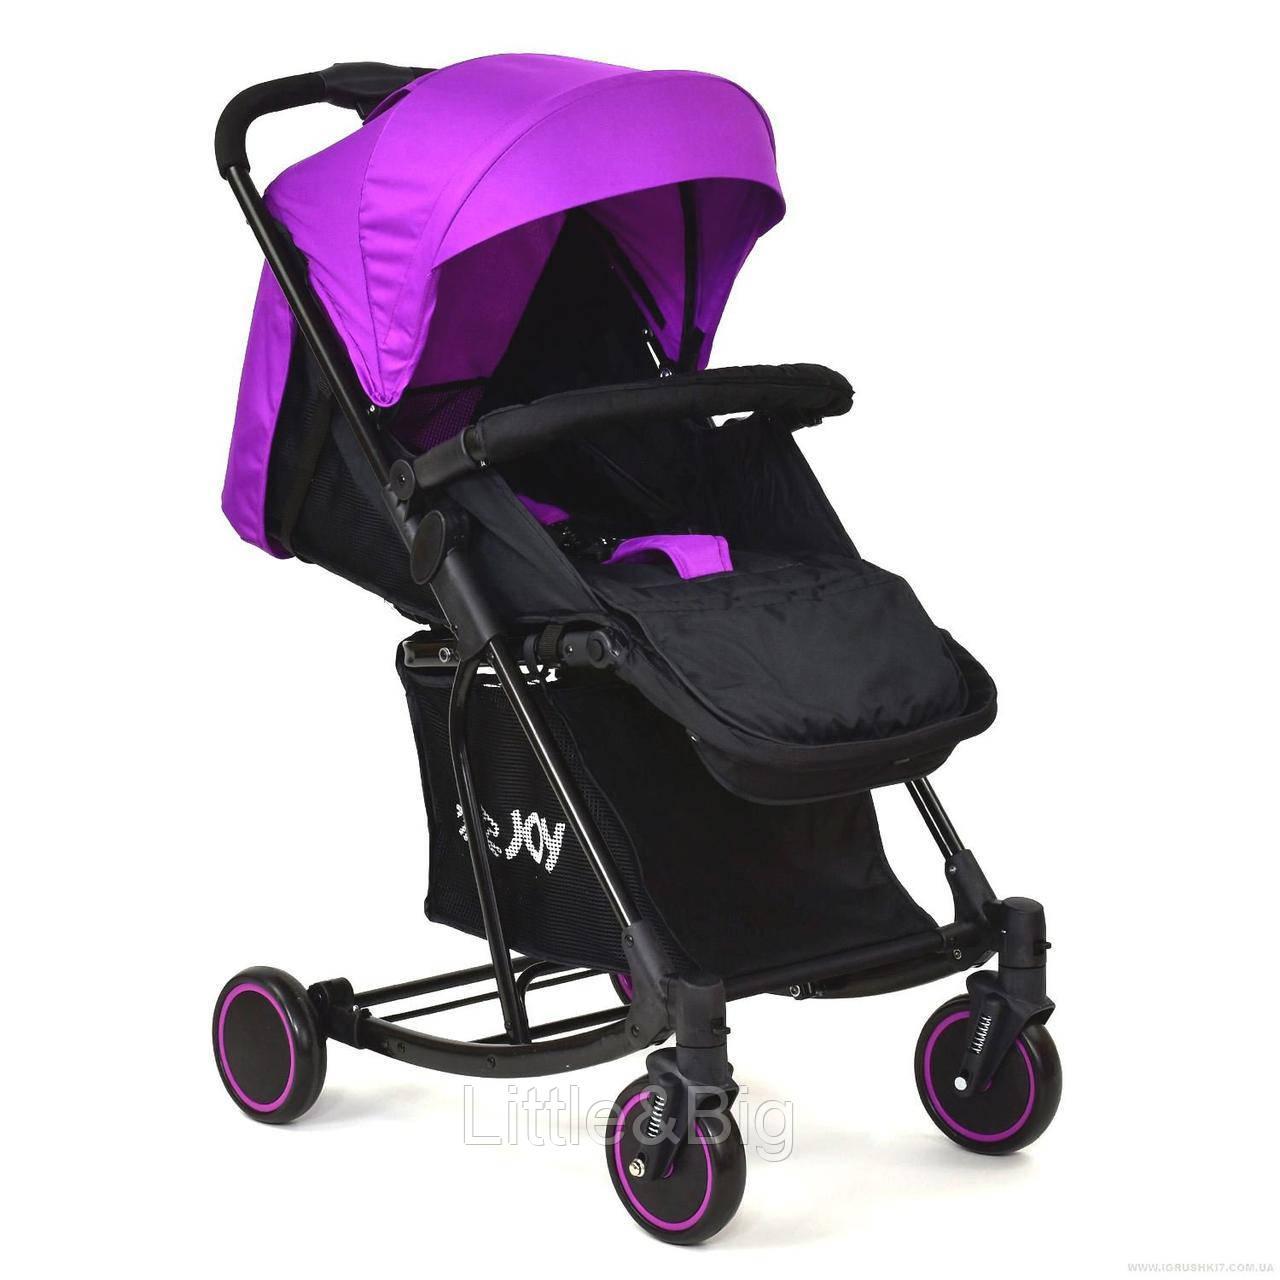 Коляска прогулочная с функцией укачивания TM Joy Фиолетовая арт. 609 Т